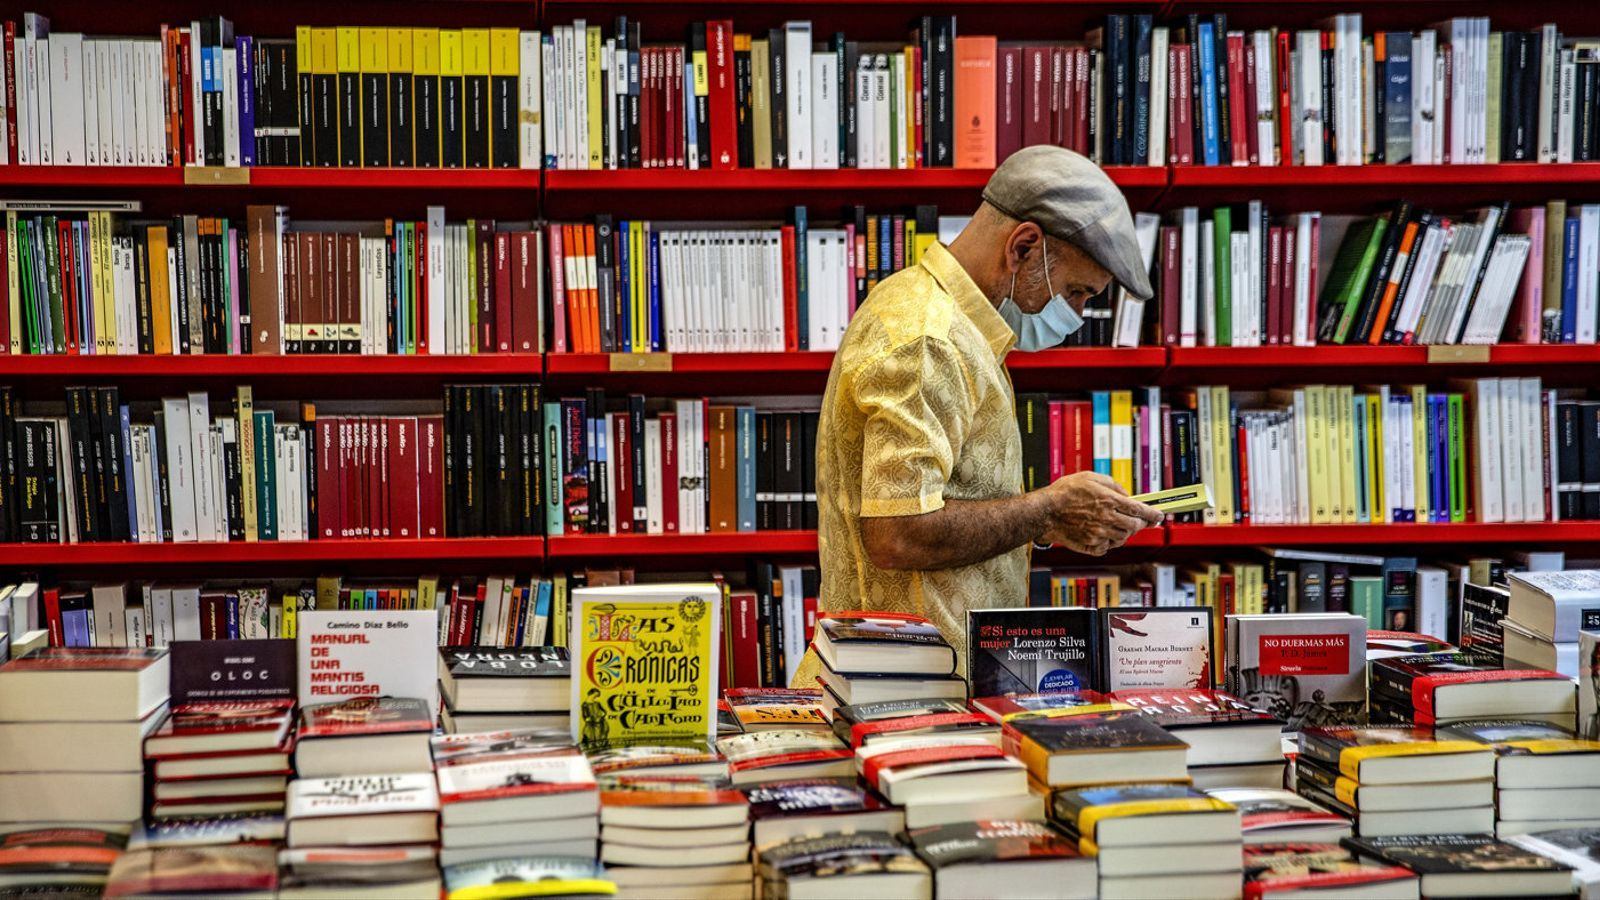 Un client remenant llibres a la llibreria Documenta de Barcelona el 23 de juliol, el Dia del Llibre i la Rosa.